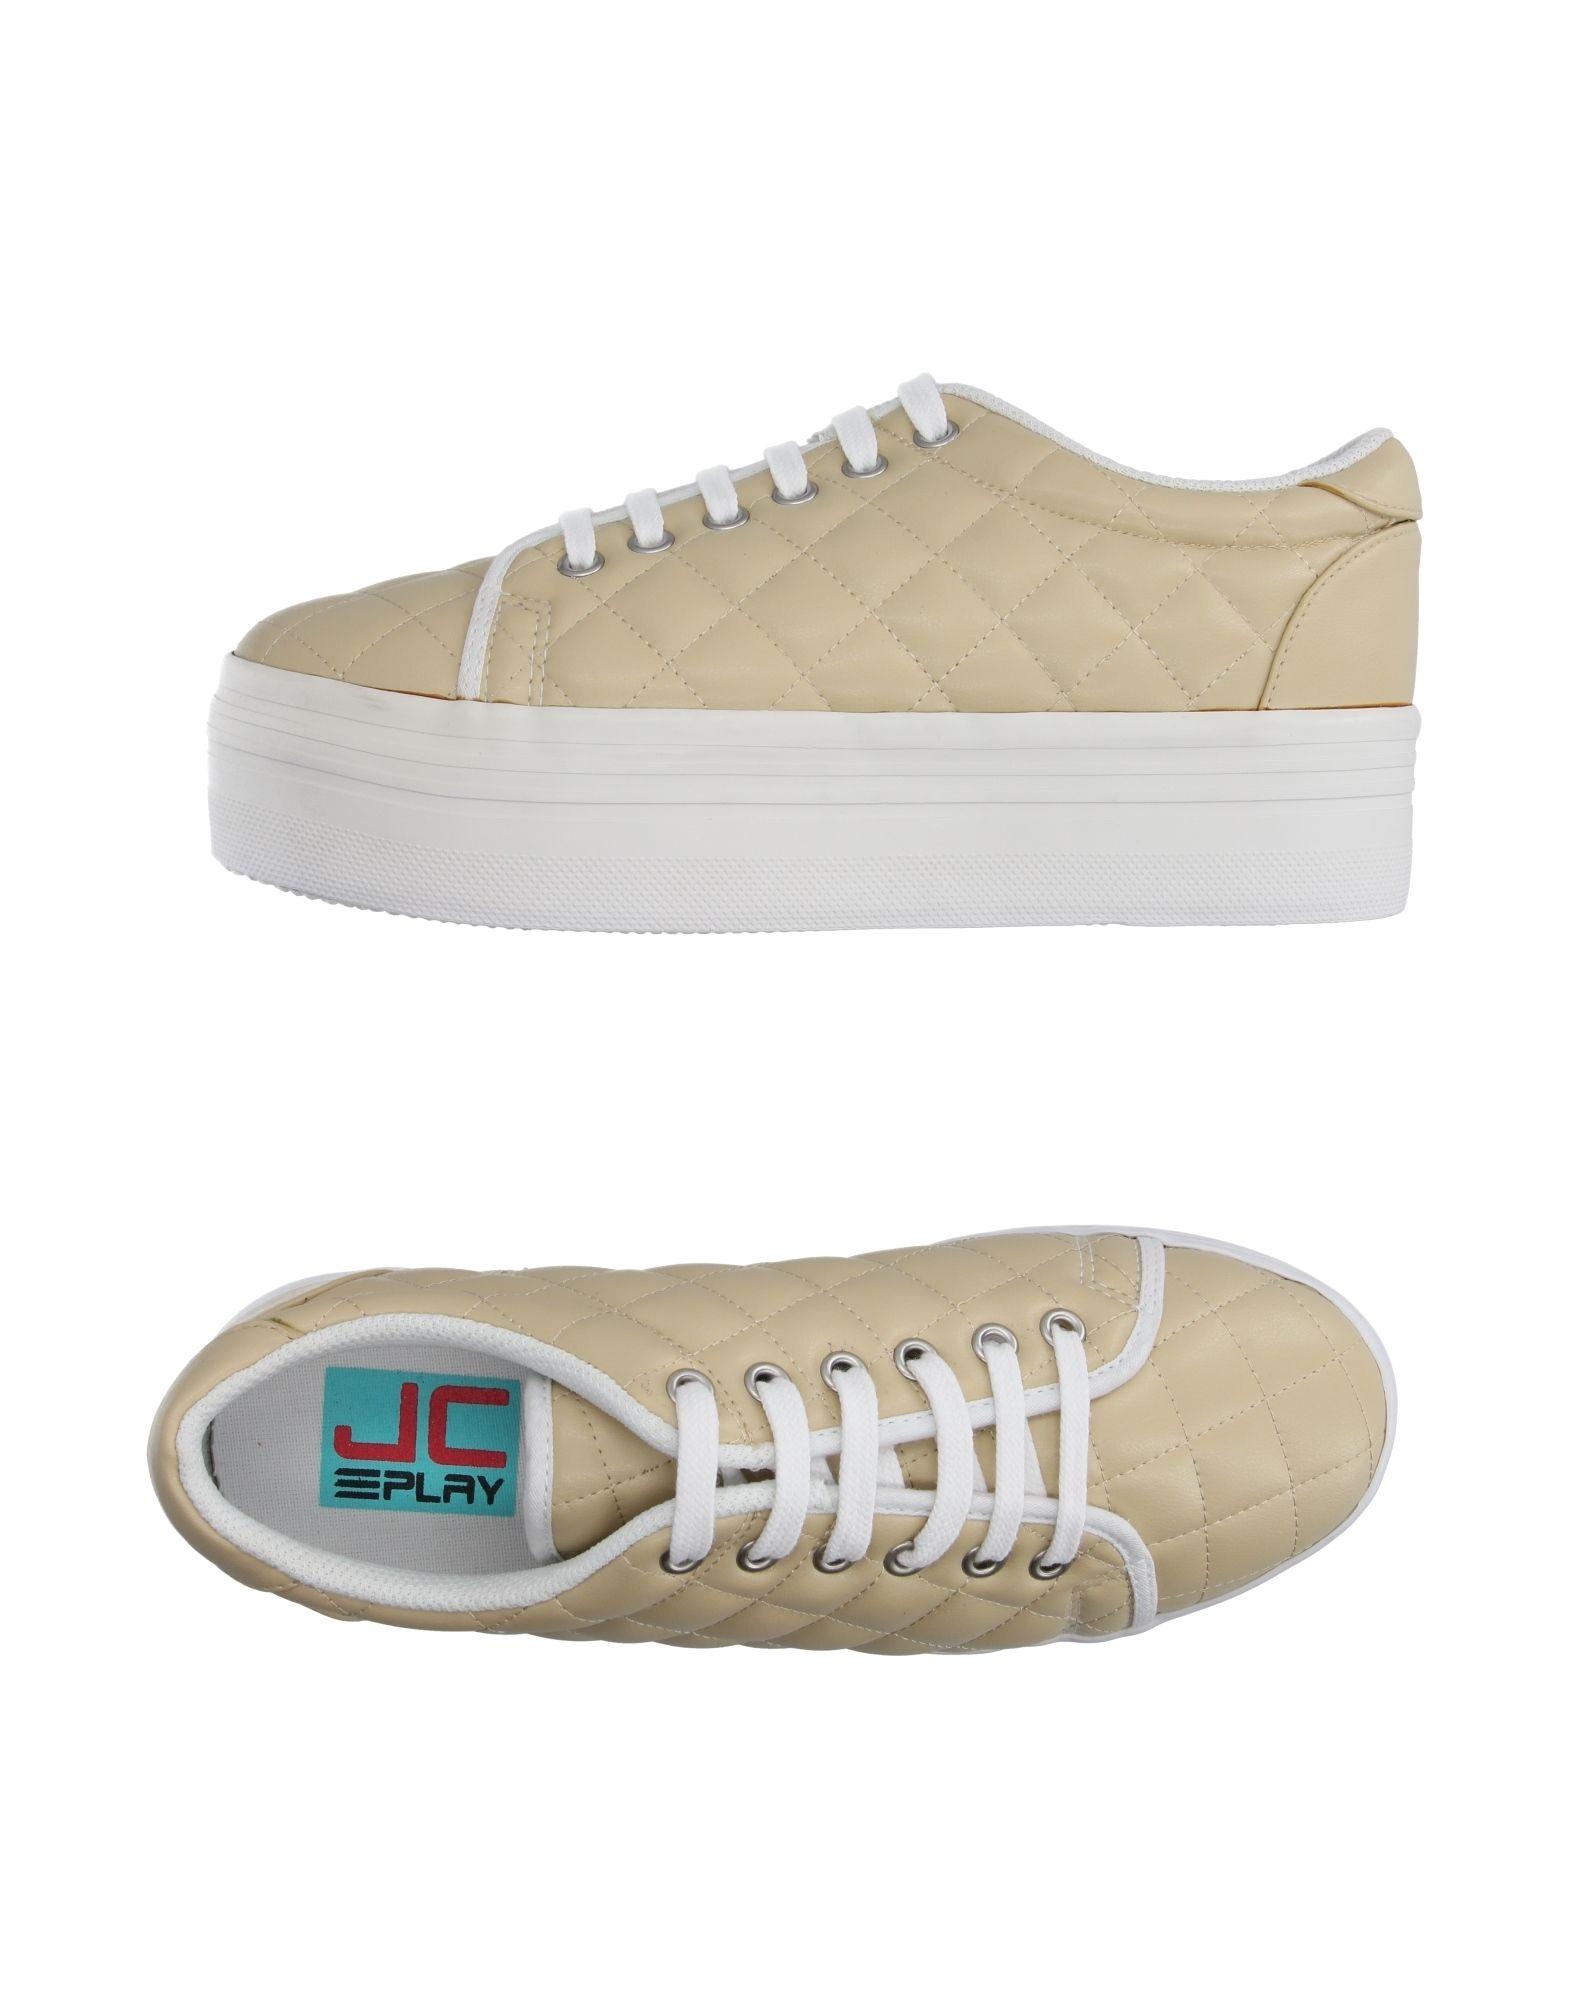 Jc 11073098VX Play By Jeffrey Campbell Sneakers Damen  11073098VX Jc Gute Qualität beliebte Schuhe 1fc11a